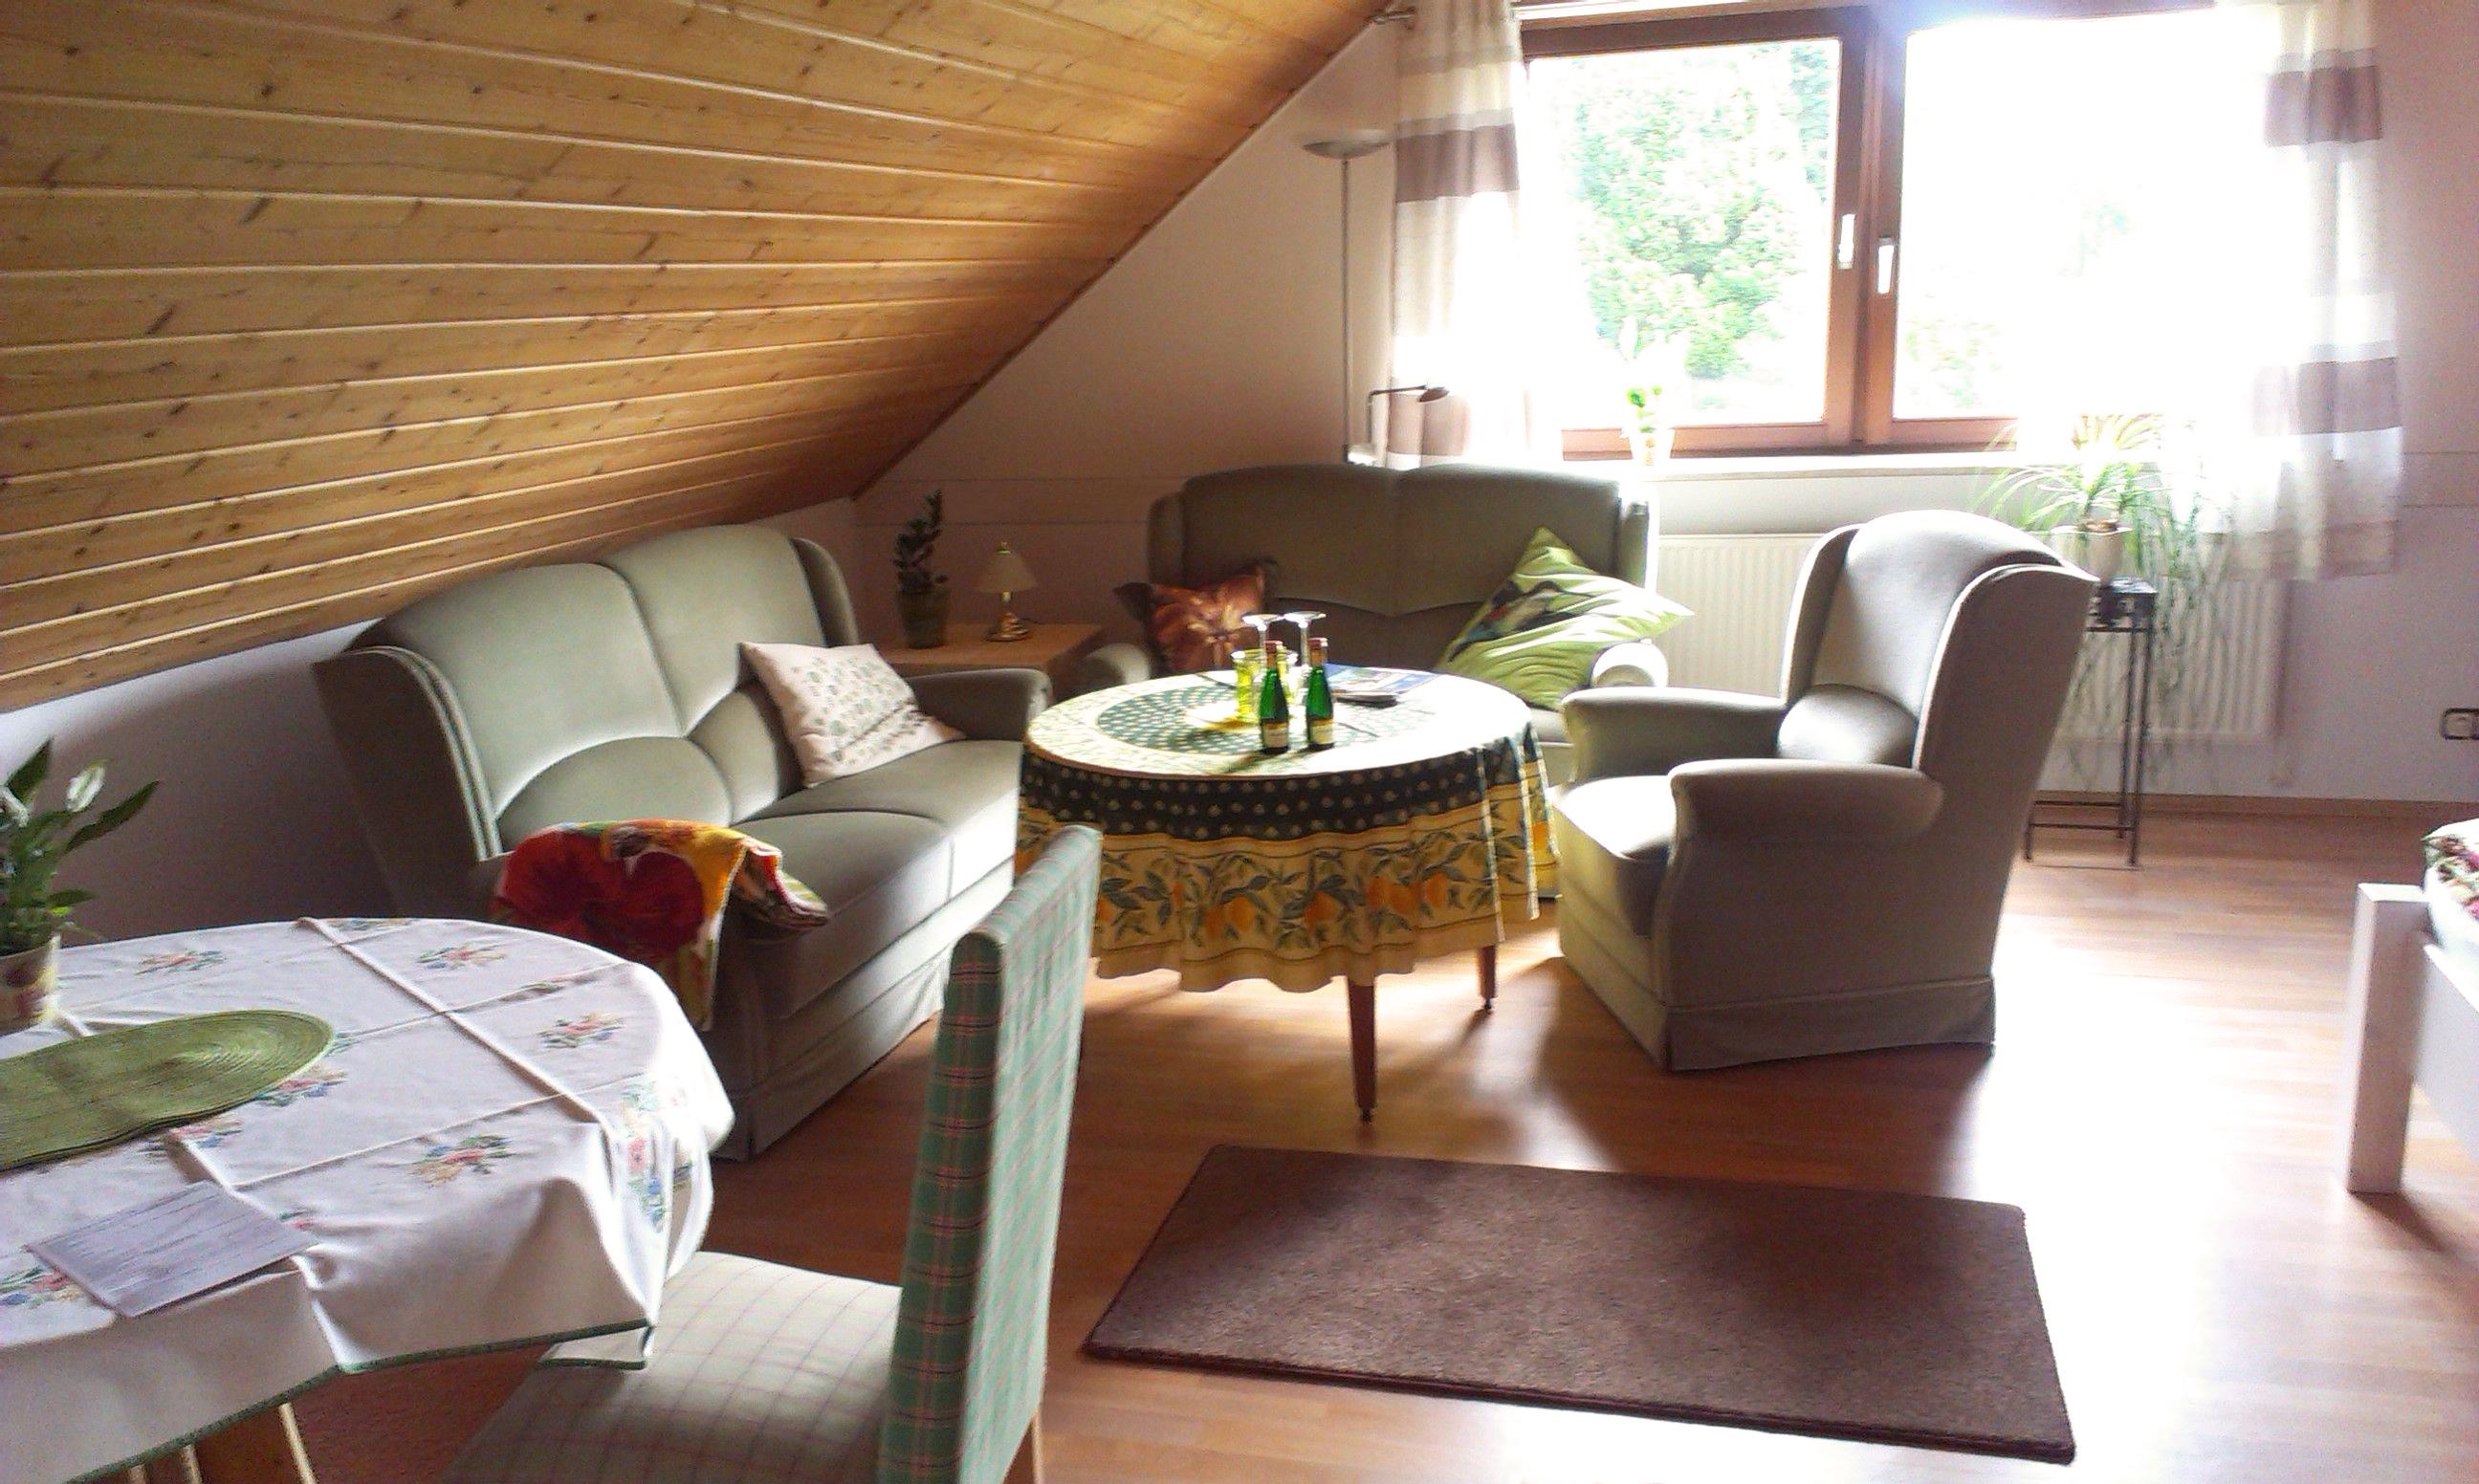 OG: Couchbereich